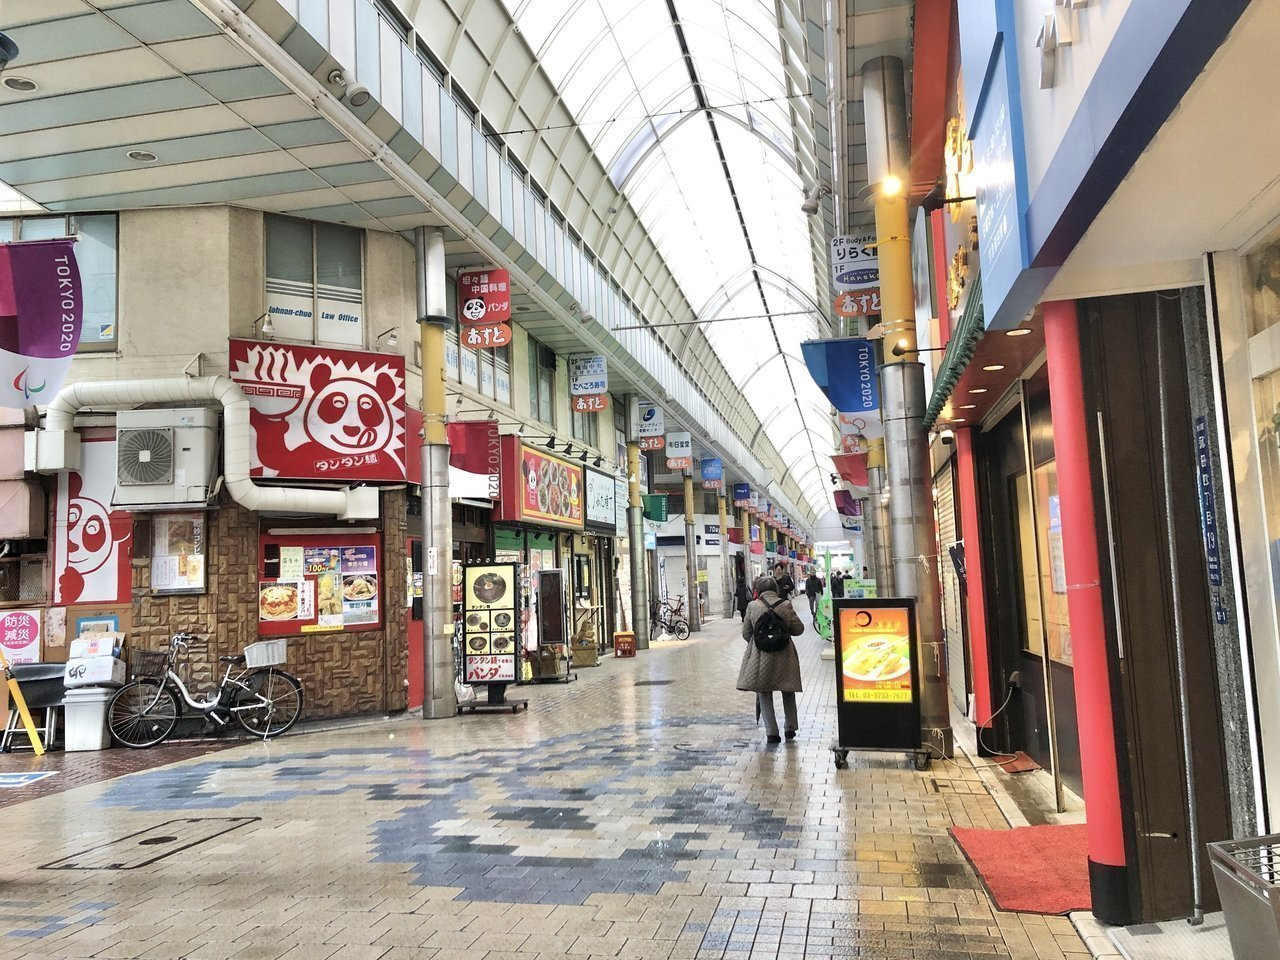 ここからは東側のエリアへ。蒲田駅は渋谷まで約25分と、意外と好立地。羽田空港へも京浜急行線の京急蒲田駅を使えばわずか12分で行くことができます。駅前の商店街もいつも賑わっていますね。たくさんお店があるので、お気に入りの店も探しがいがありそう!